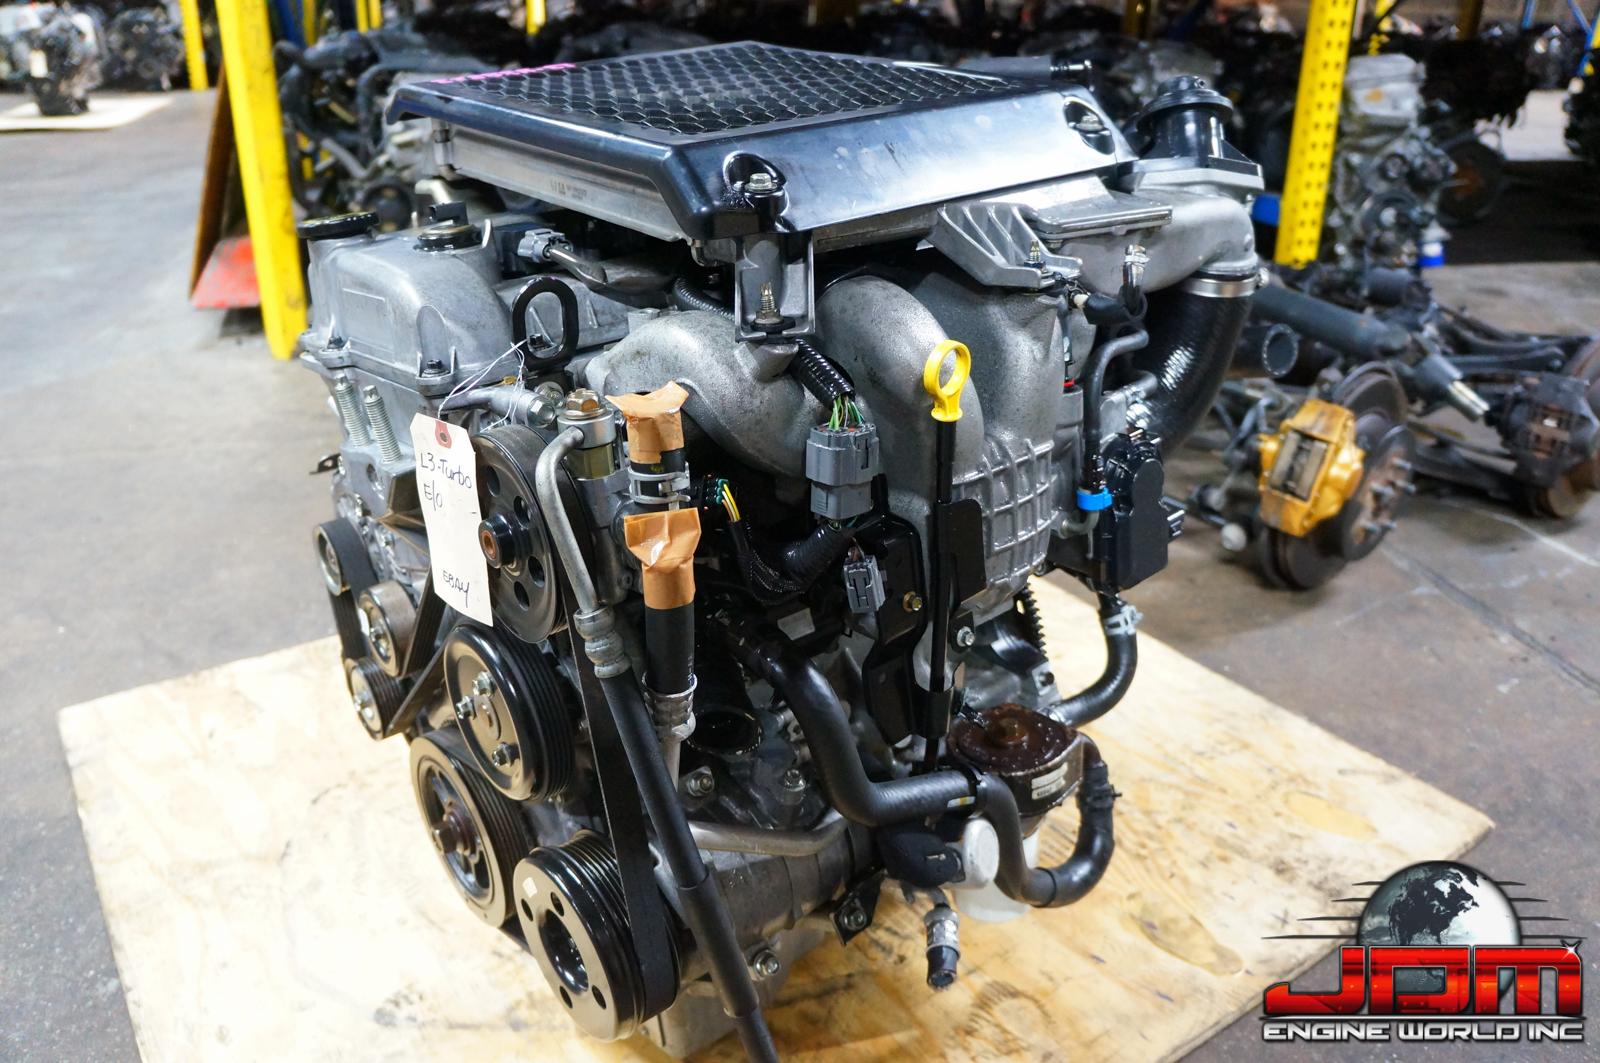 06-12 MAZDA CX7 ENGINE L3 2.3L MZR TURBO DOHC JDM L3T